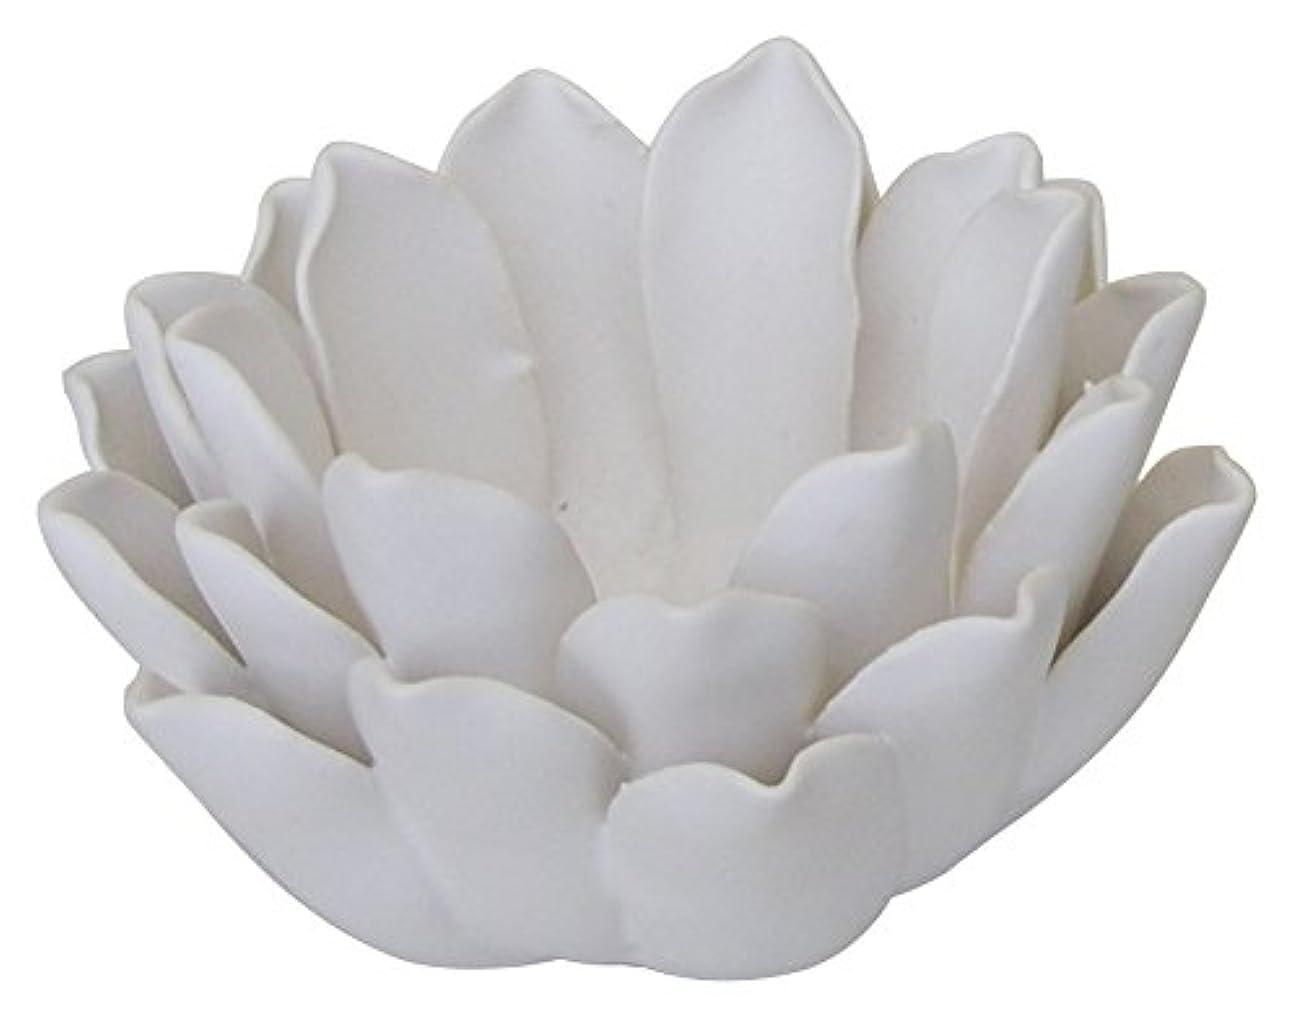 敗北オーチャード薄いですマルエス 燭台 陶器製 ロータス 小 ホワイト